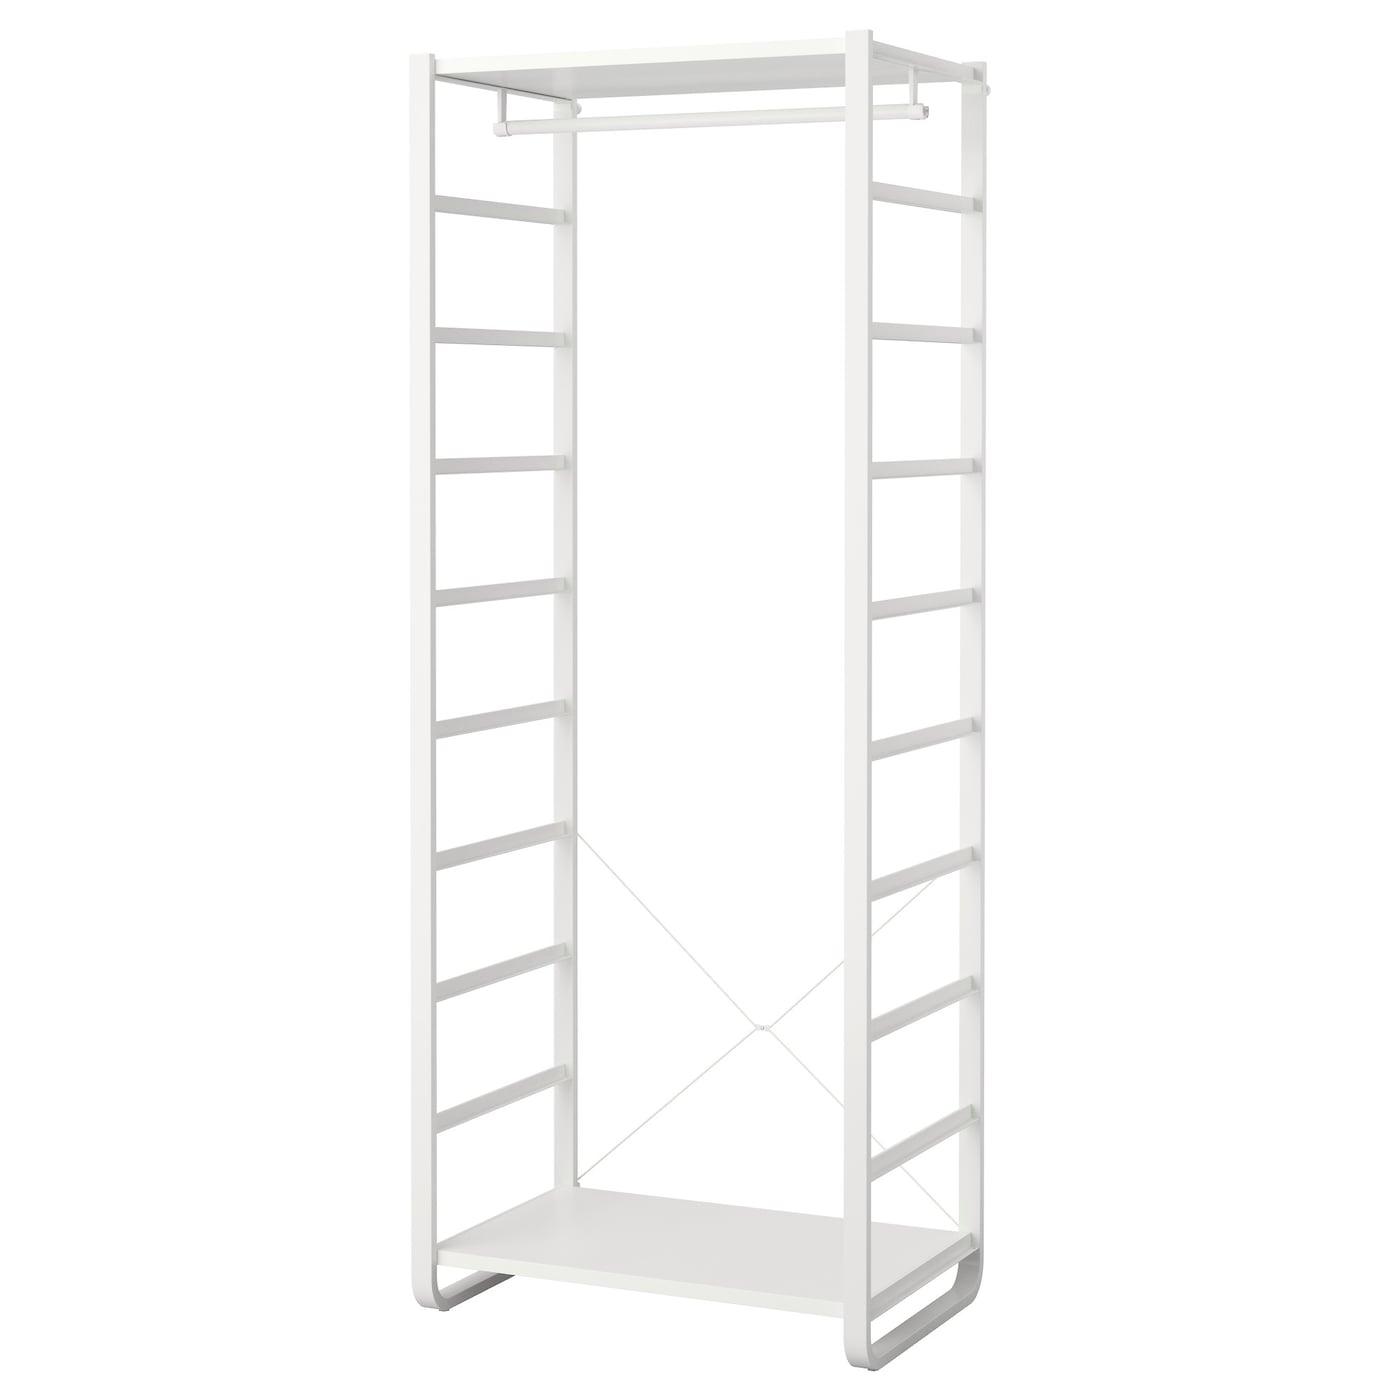 Vestidores y Armarios Abiertos | Compra Online IKEA - photo#25